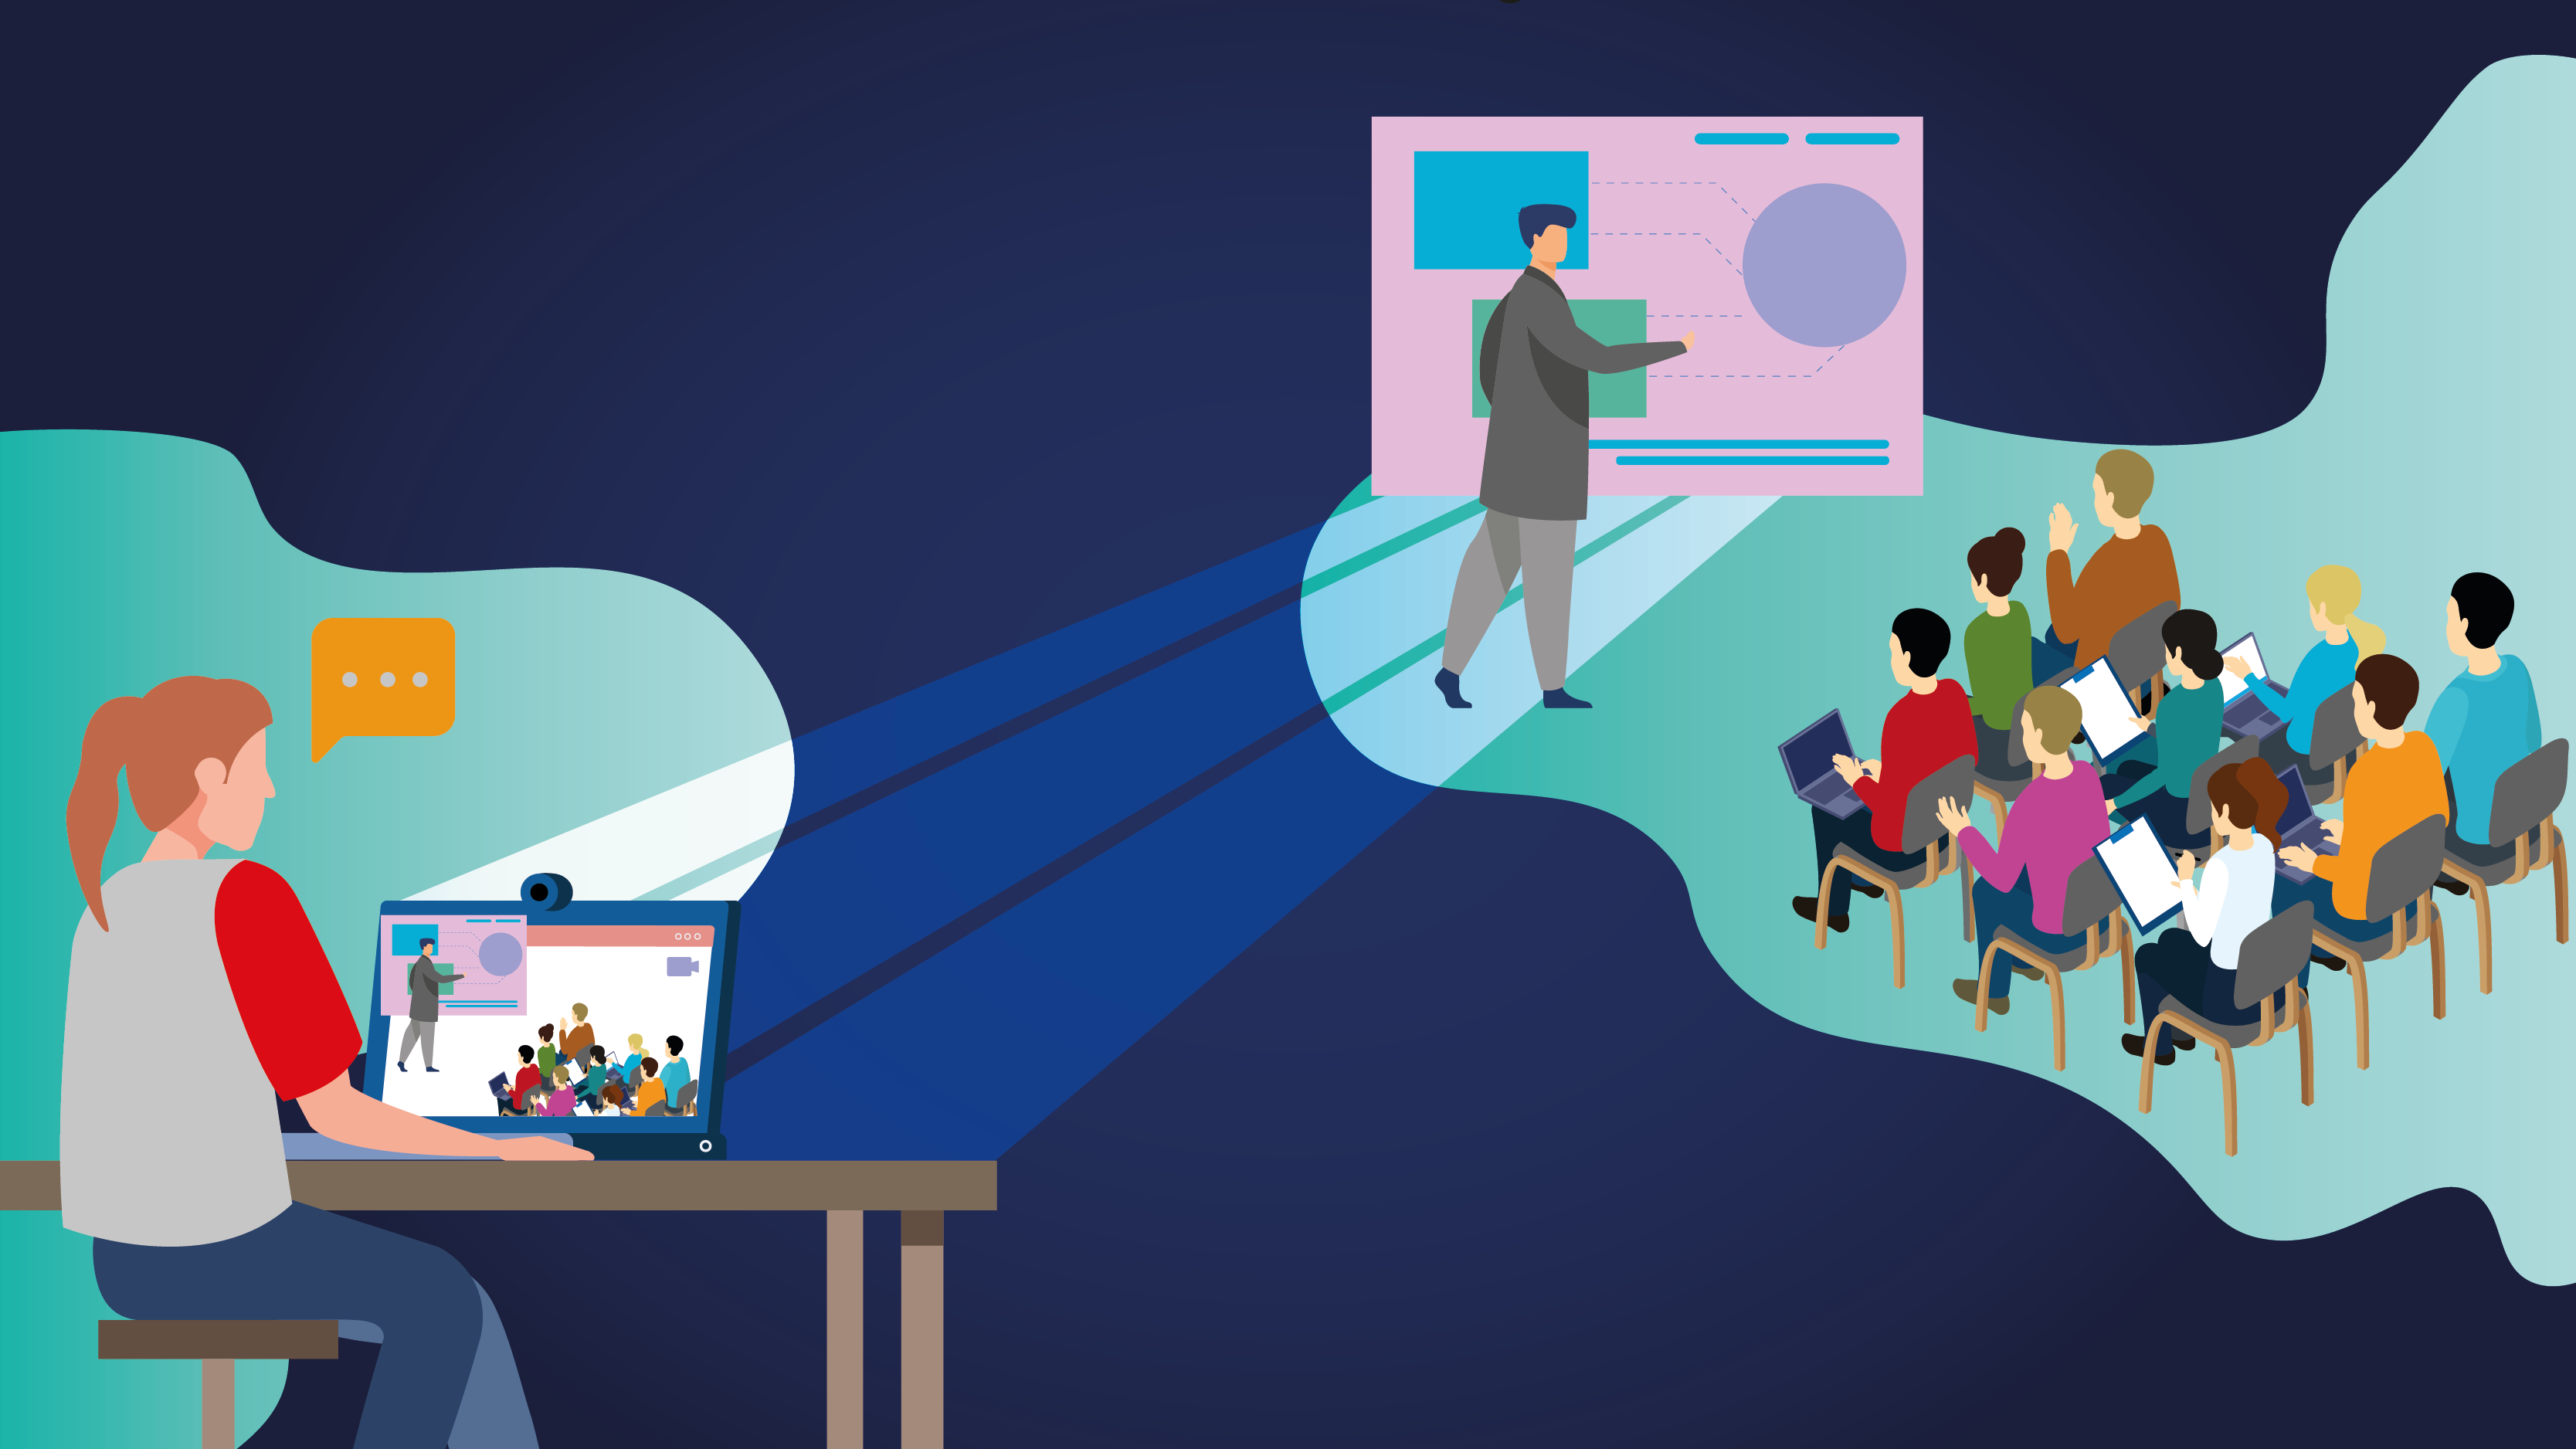 Lo virtual: sustitución o complemento a los eventos presenciales